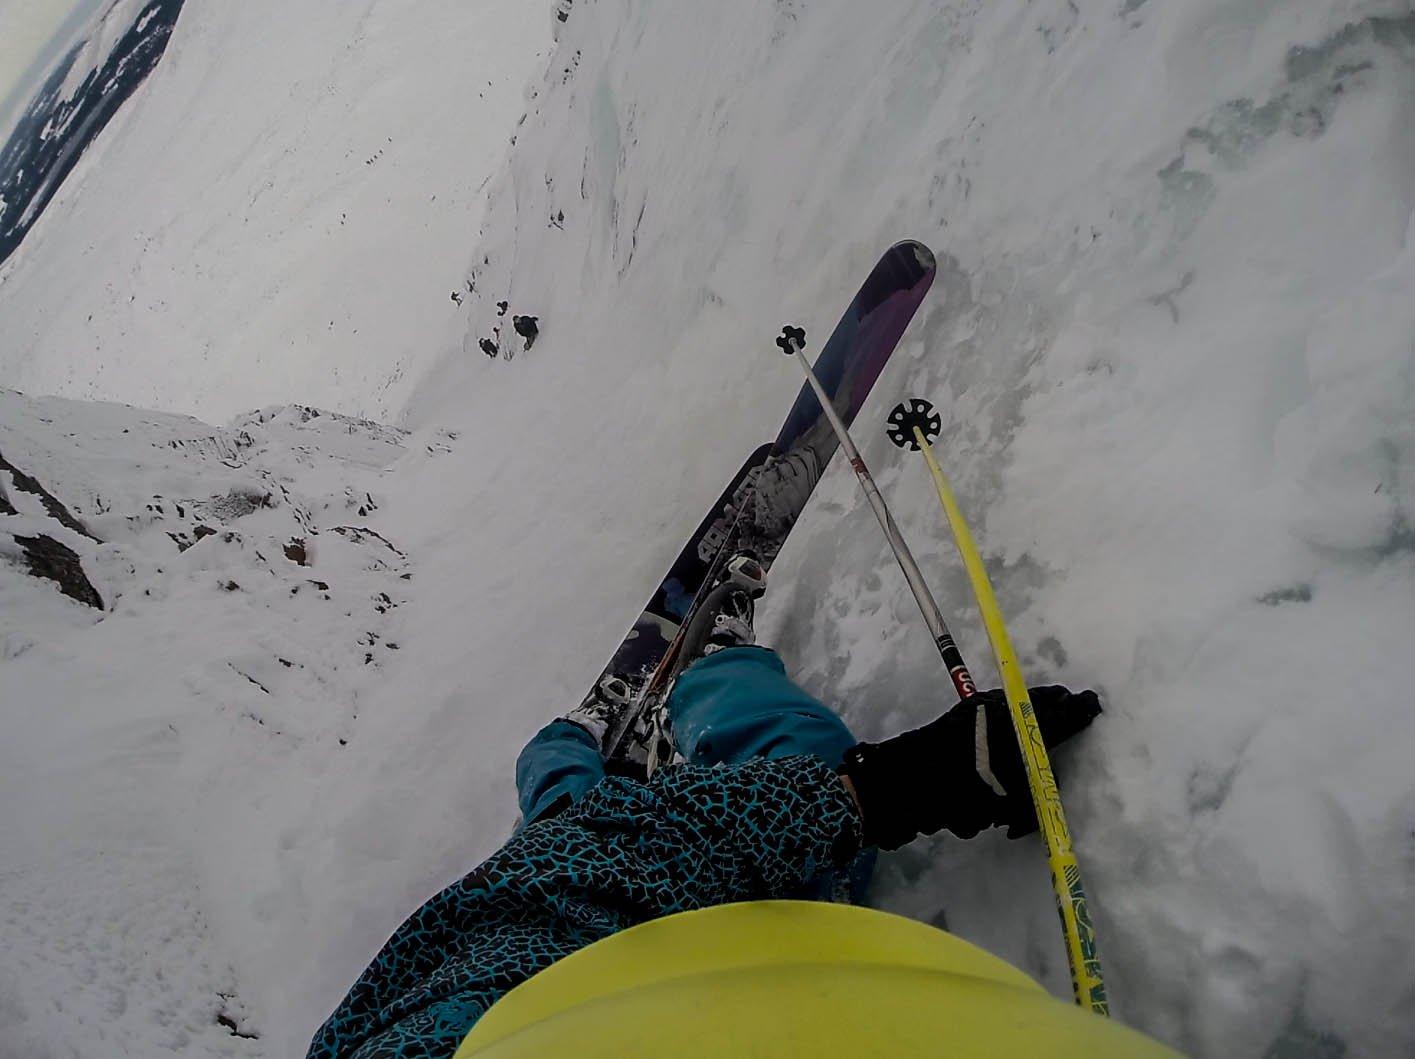 Scottish steeps